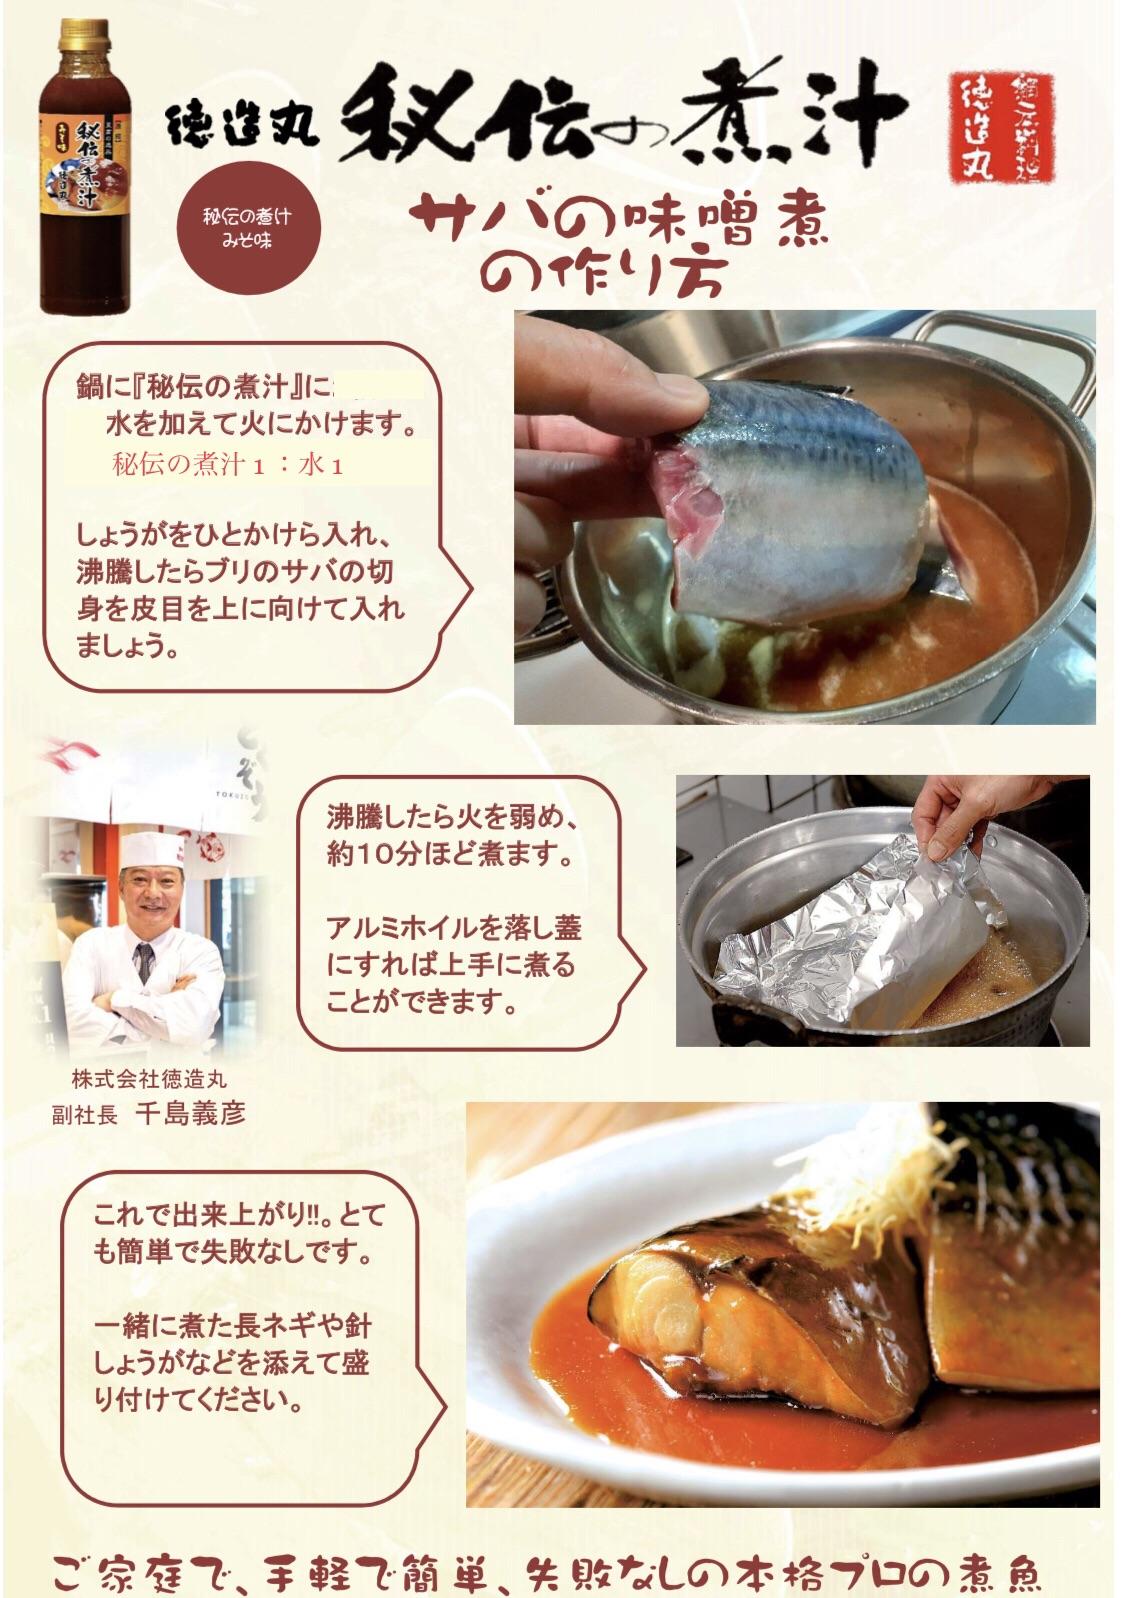 秘伝の煮汁レシピ サバの味噌煮